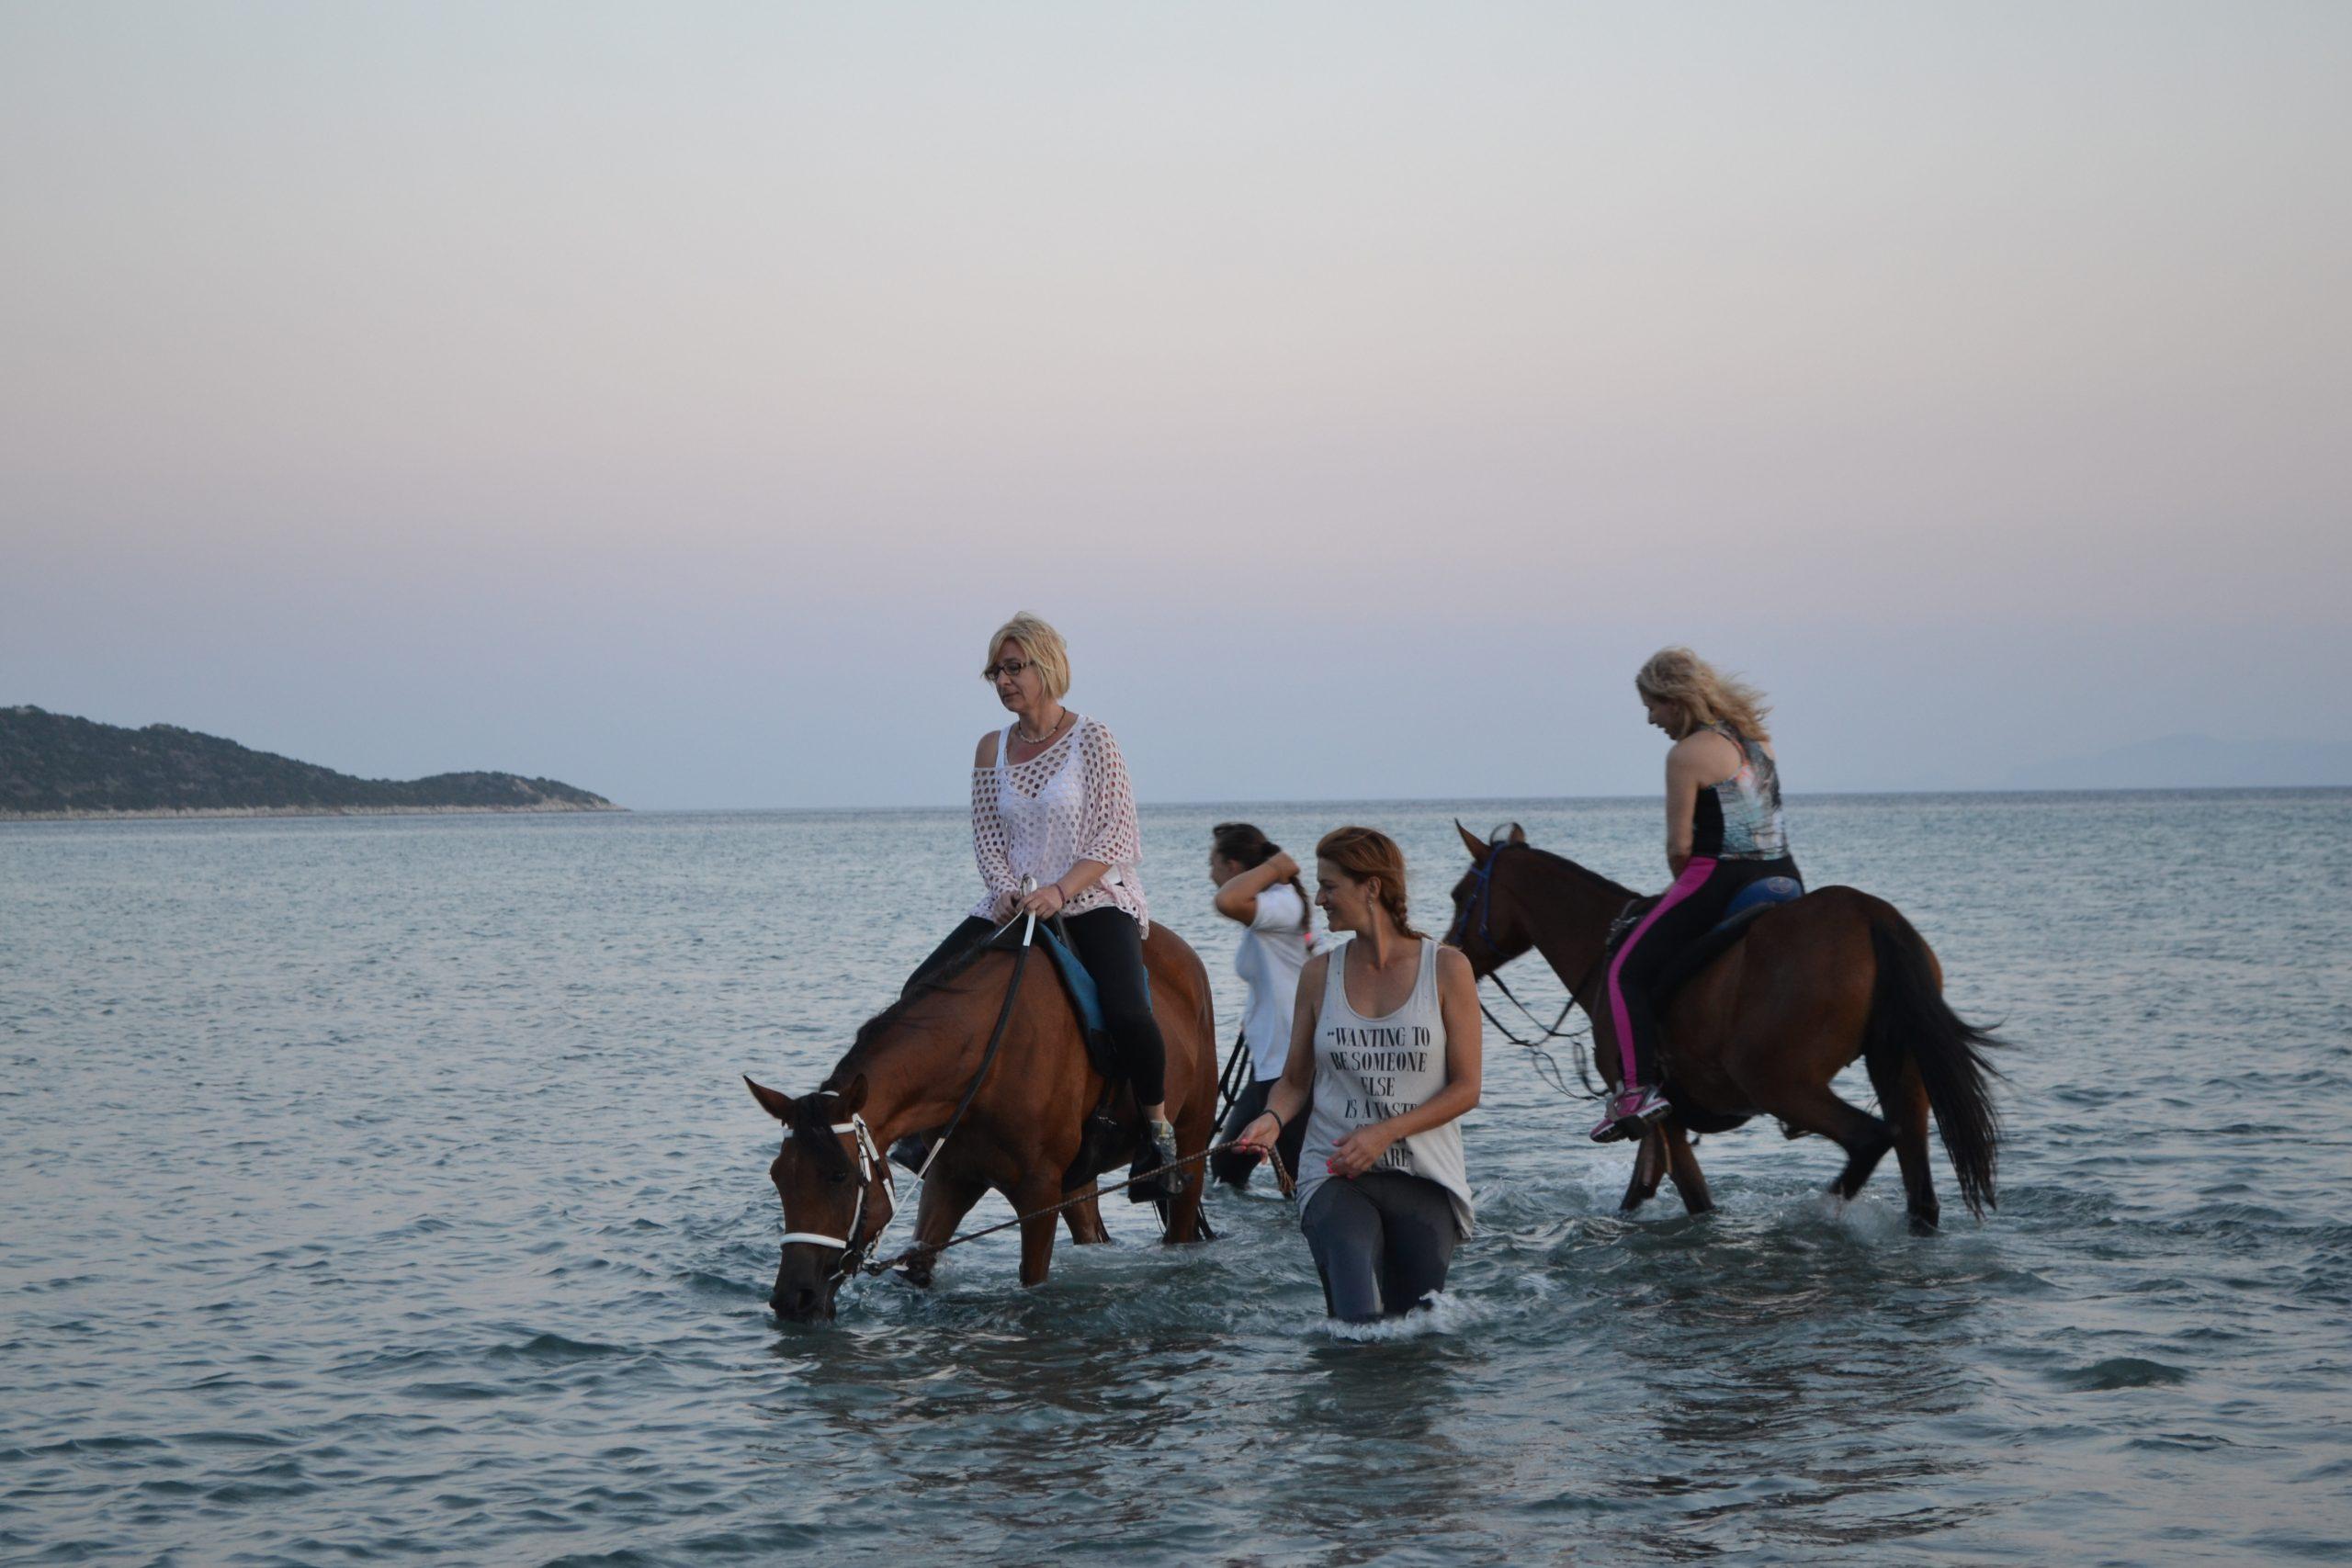 ιππασία στη θάλασσα